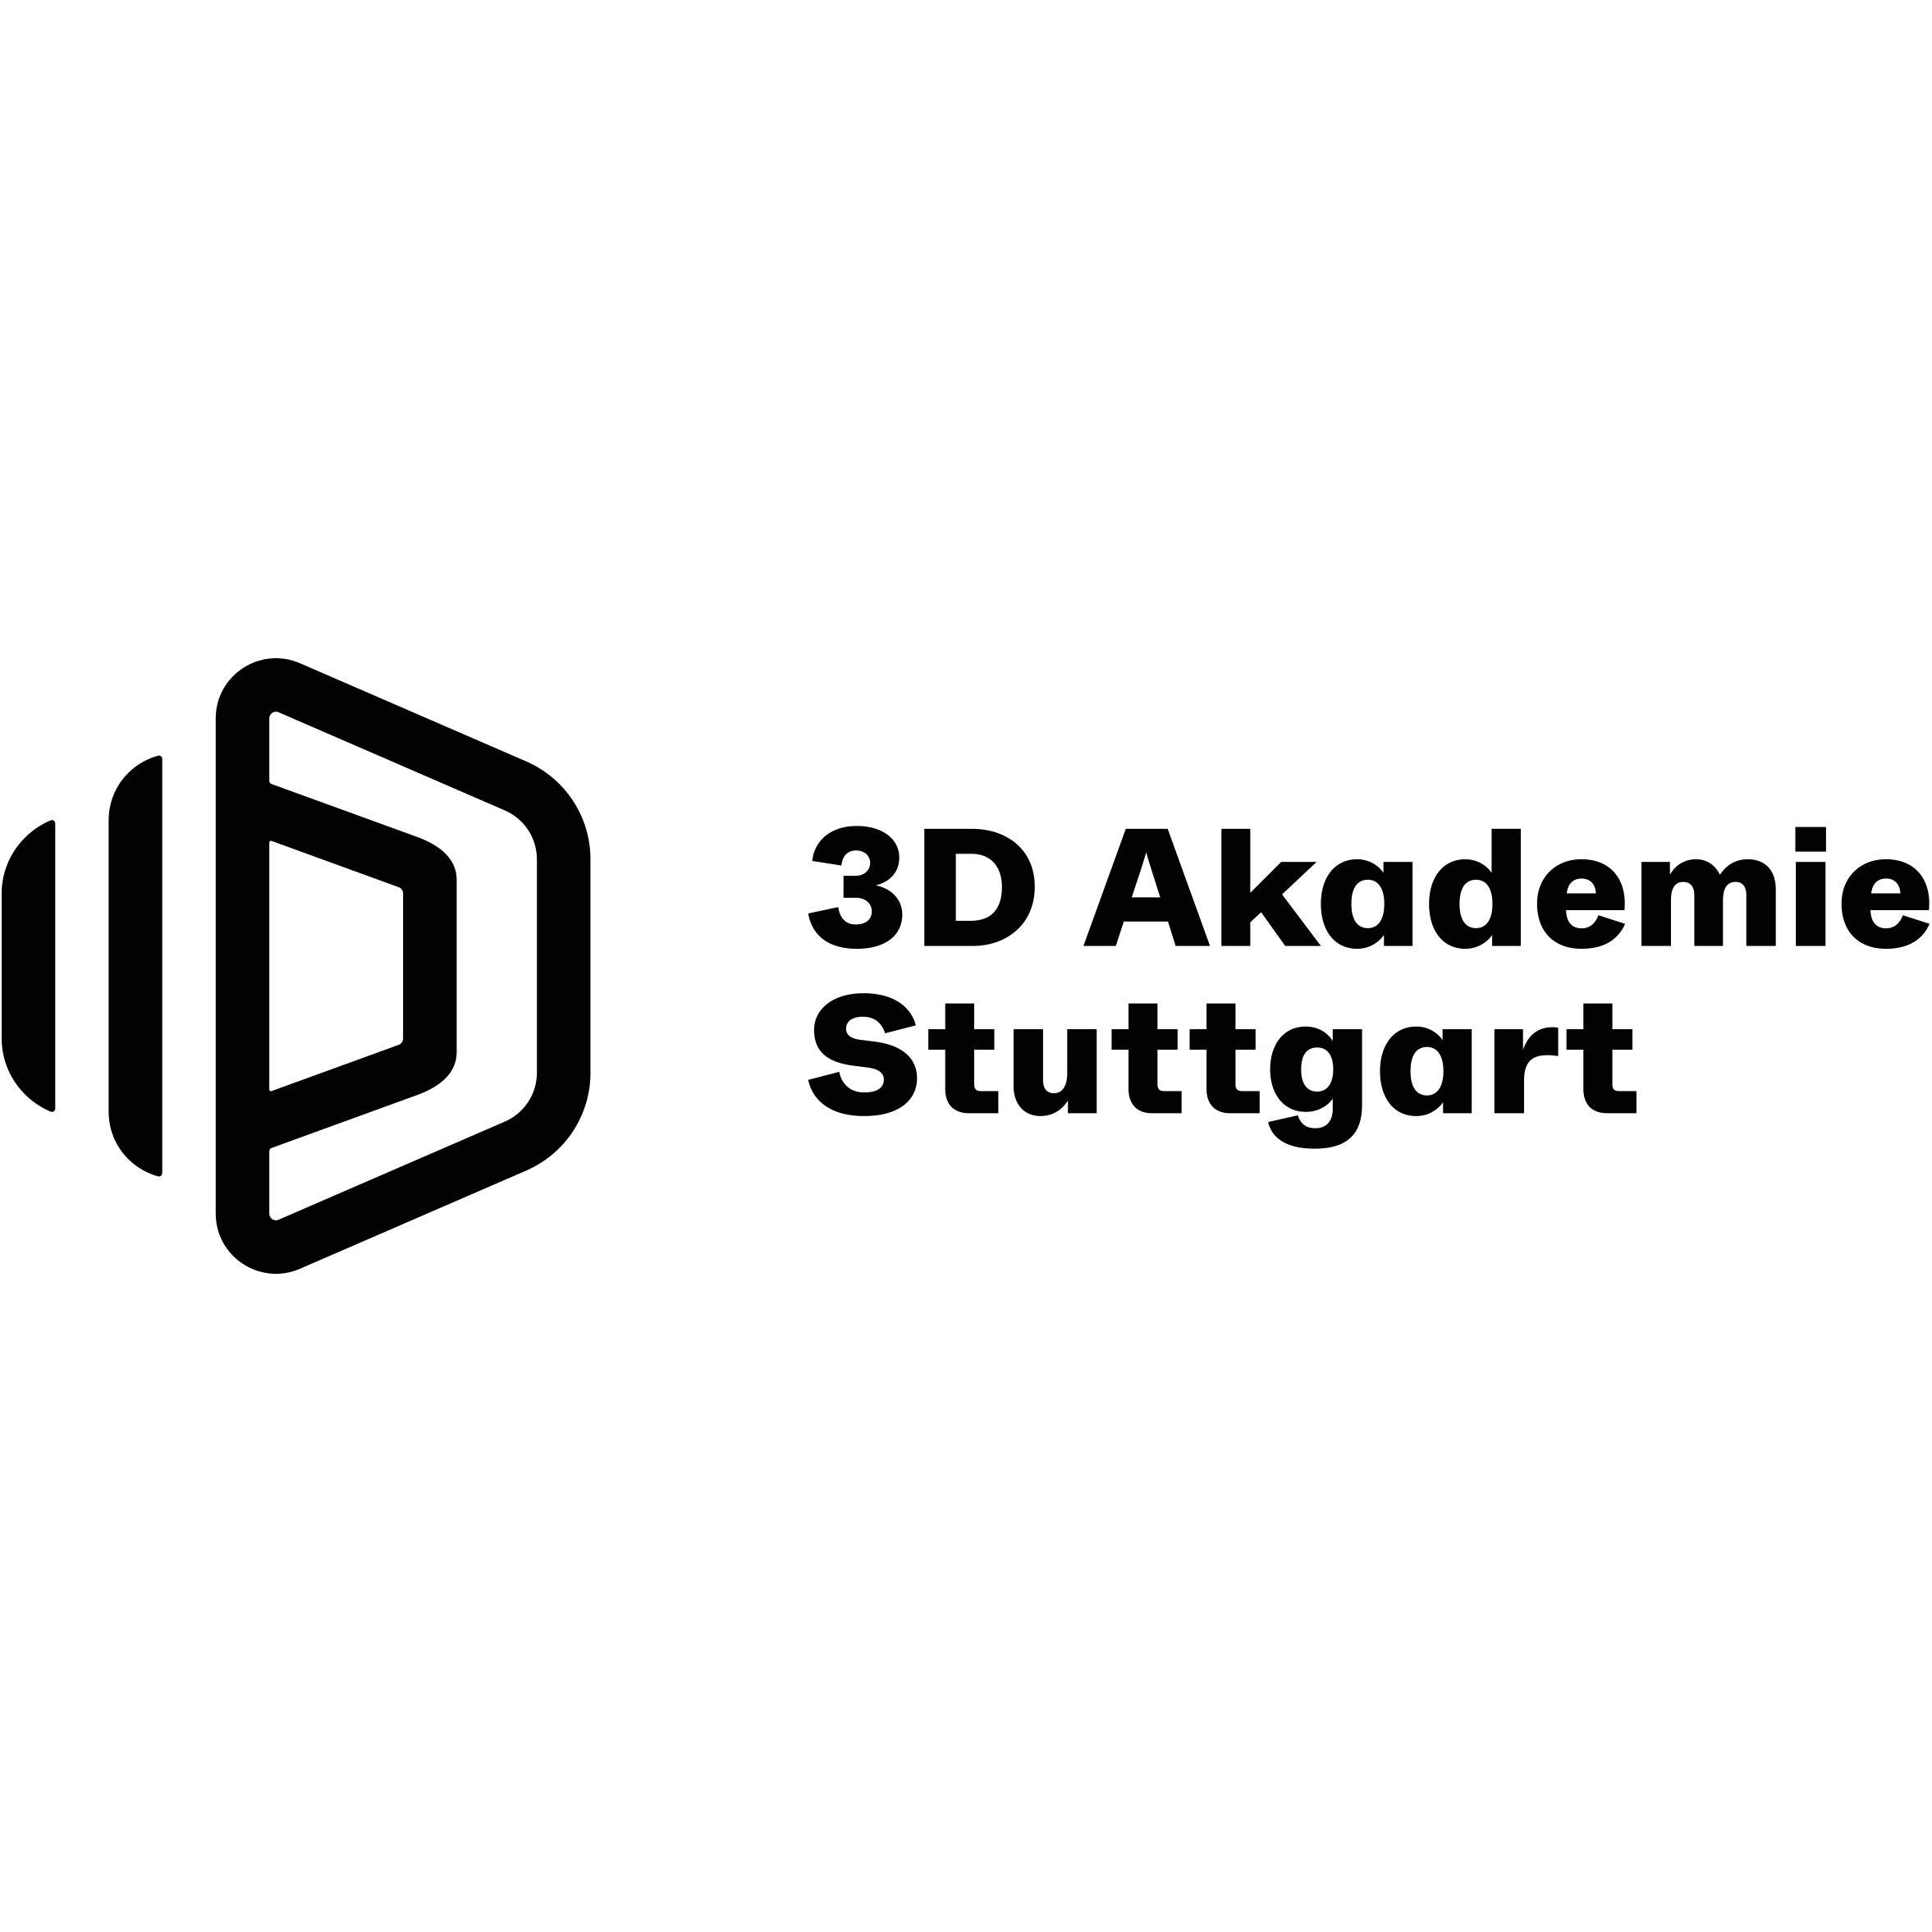 Bild zu 3D AKADEMIE GmbH in Stuttgart